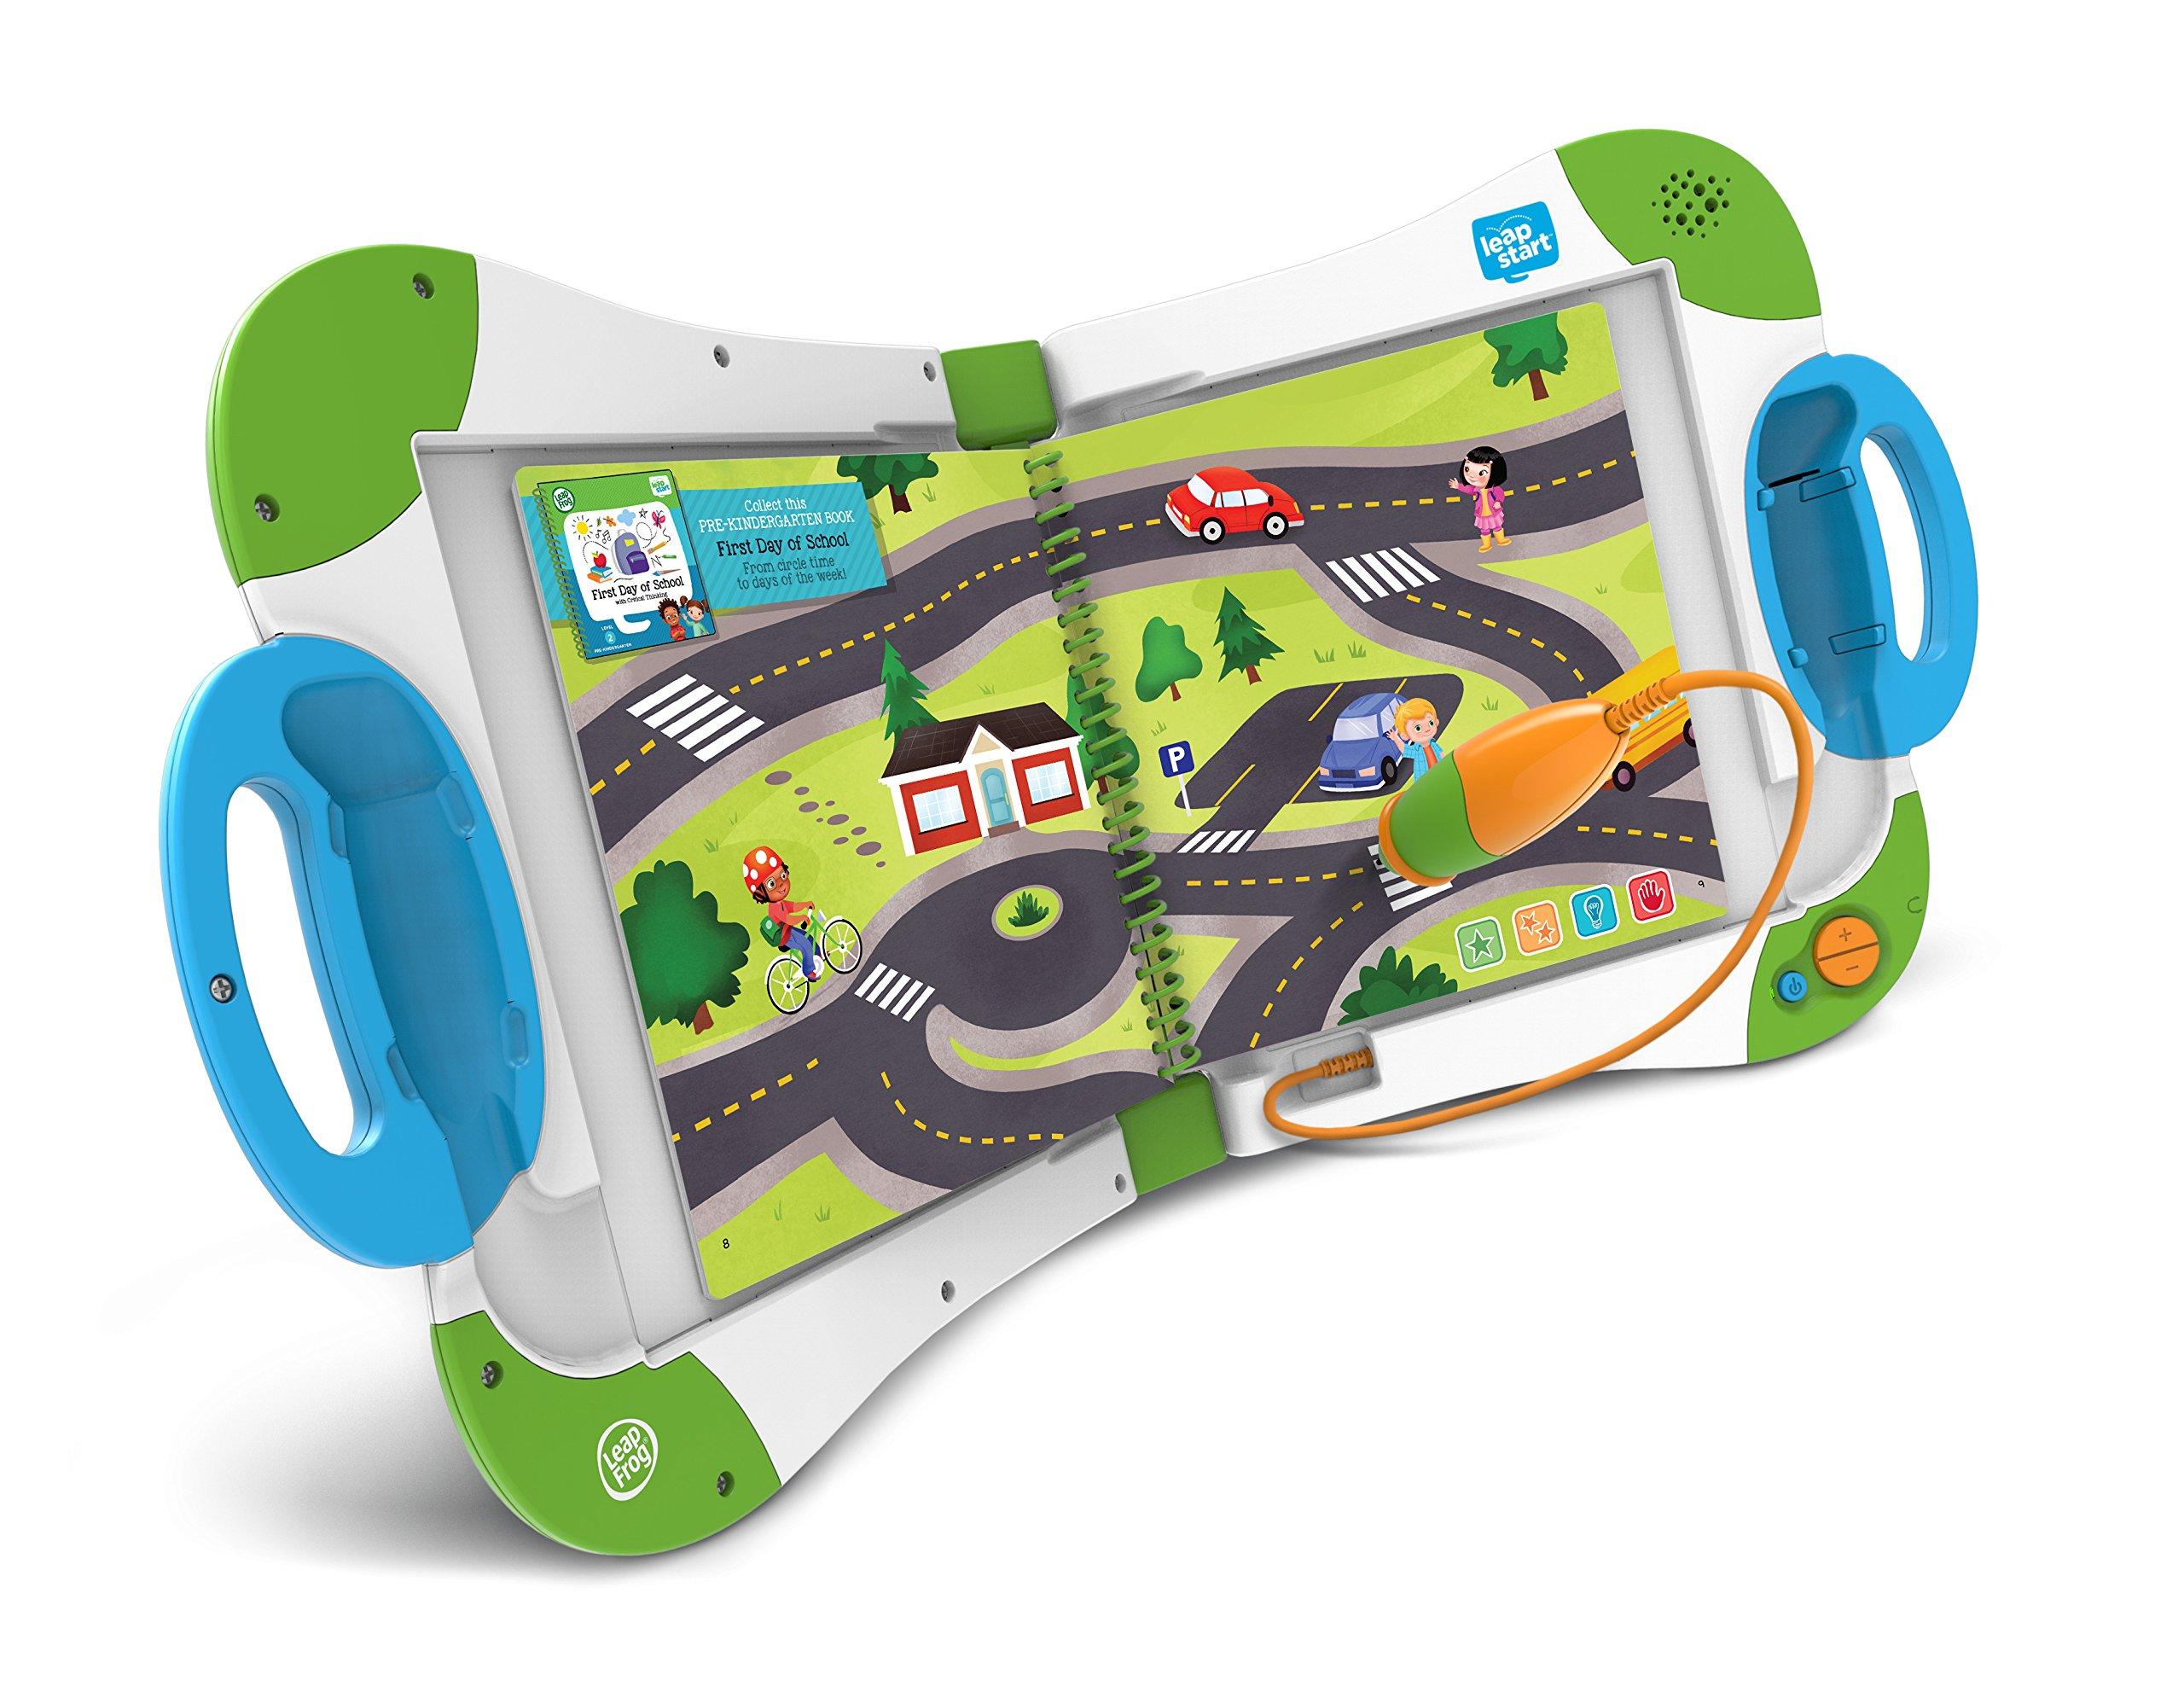 Leapfrog Leapstart Interactive Learning System For Preschool & Pre-Kindergarten 18